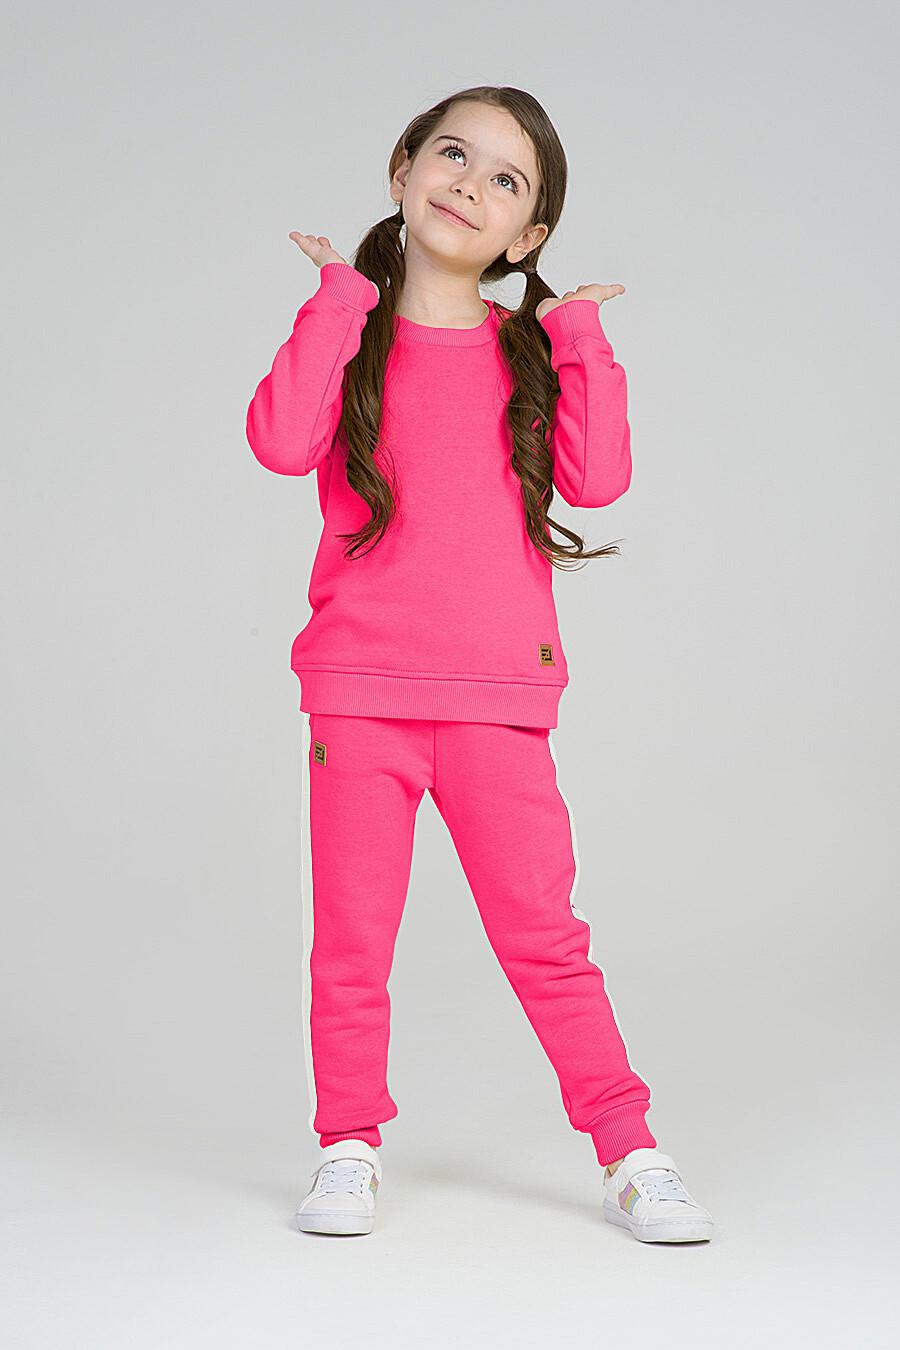 Свитшот для девочек EZANNA 668014 купить оптом от производителя. Совместная покупка детской одежды в OptMoyo